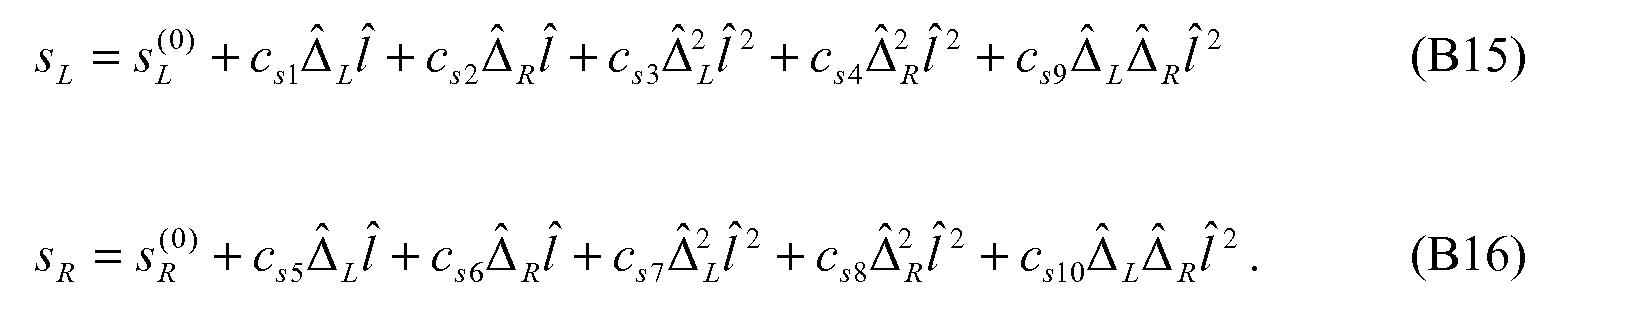 Figure imgf000035_0005